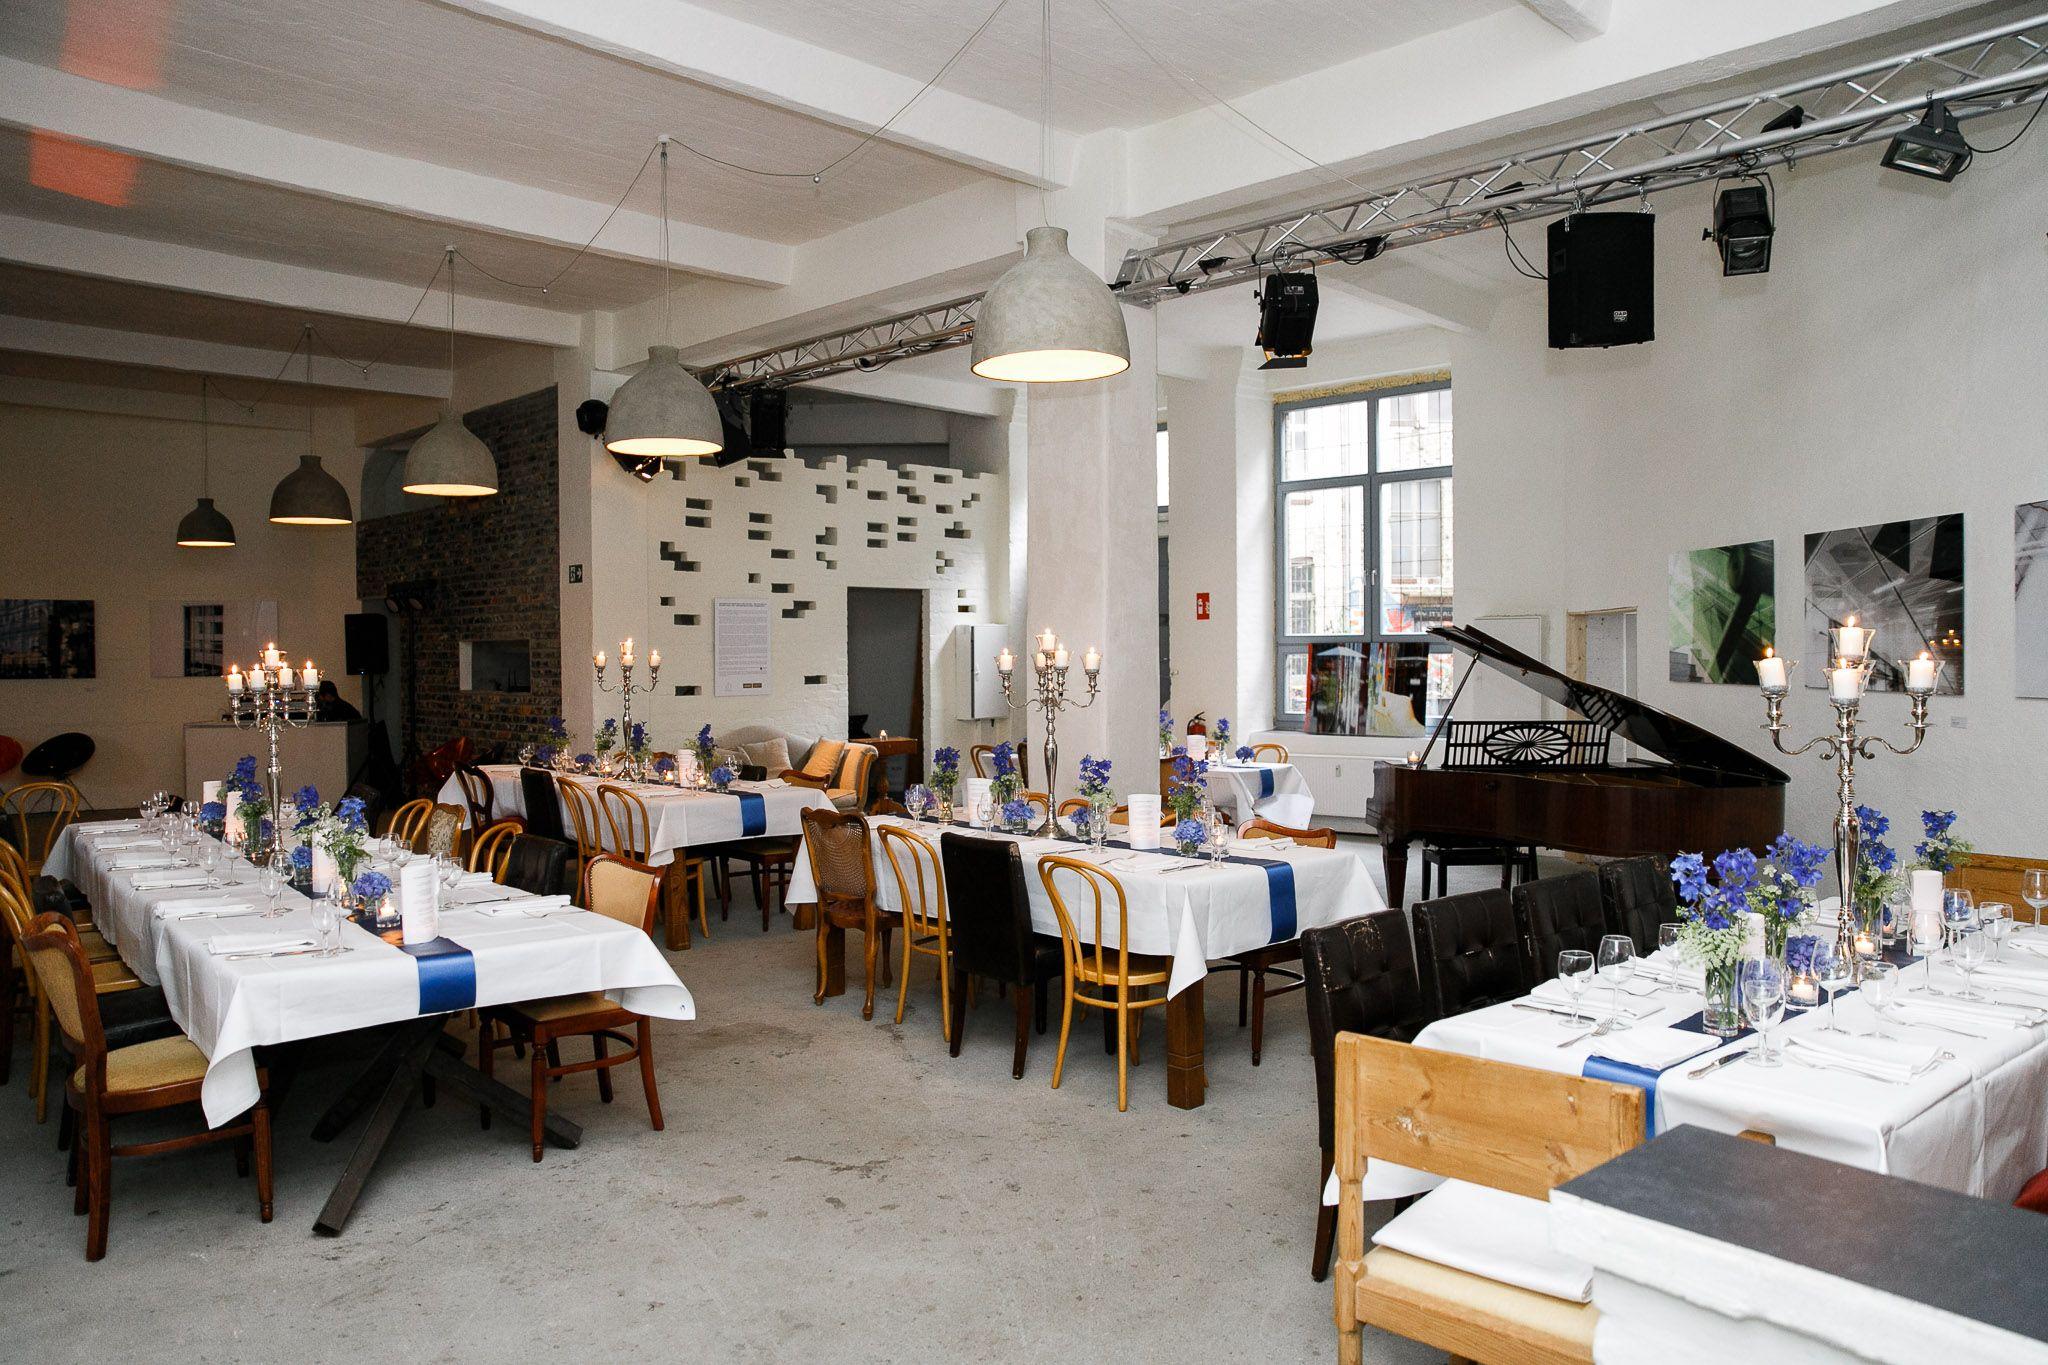 Industrial location, loft Berlin ♥ Loft Industrial Location, Fabrik ...